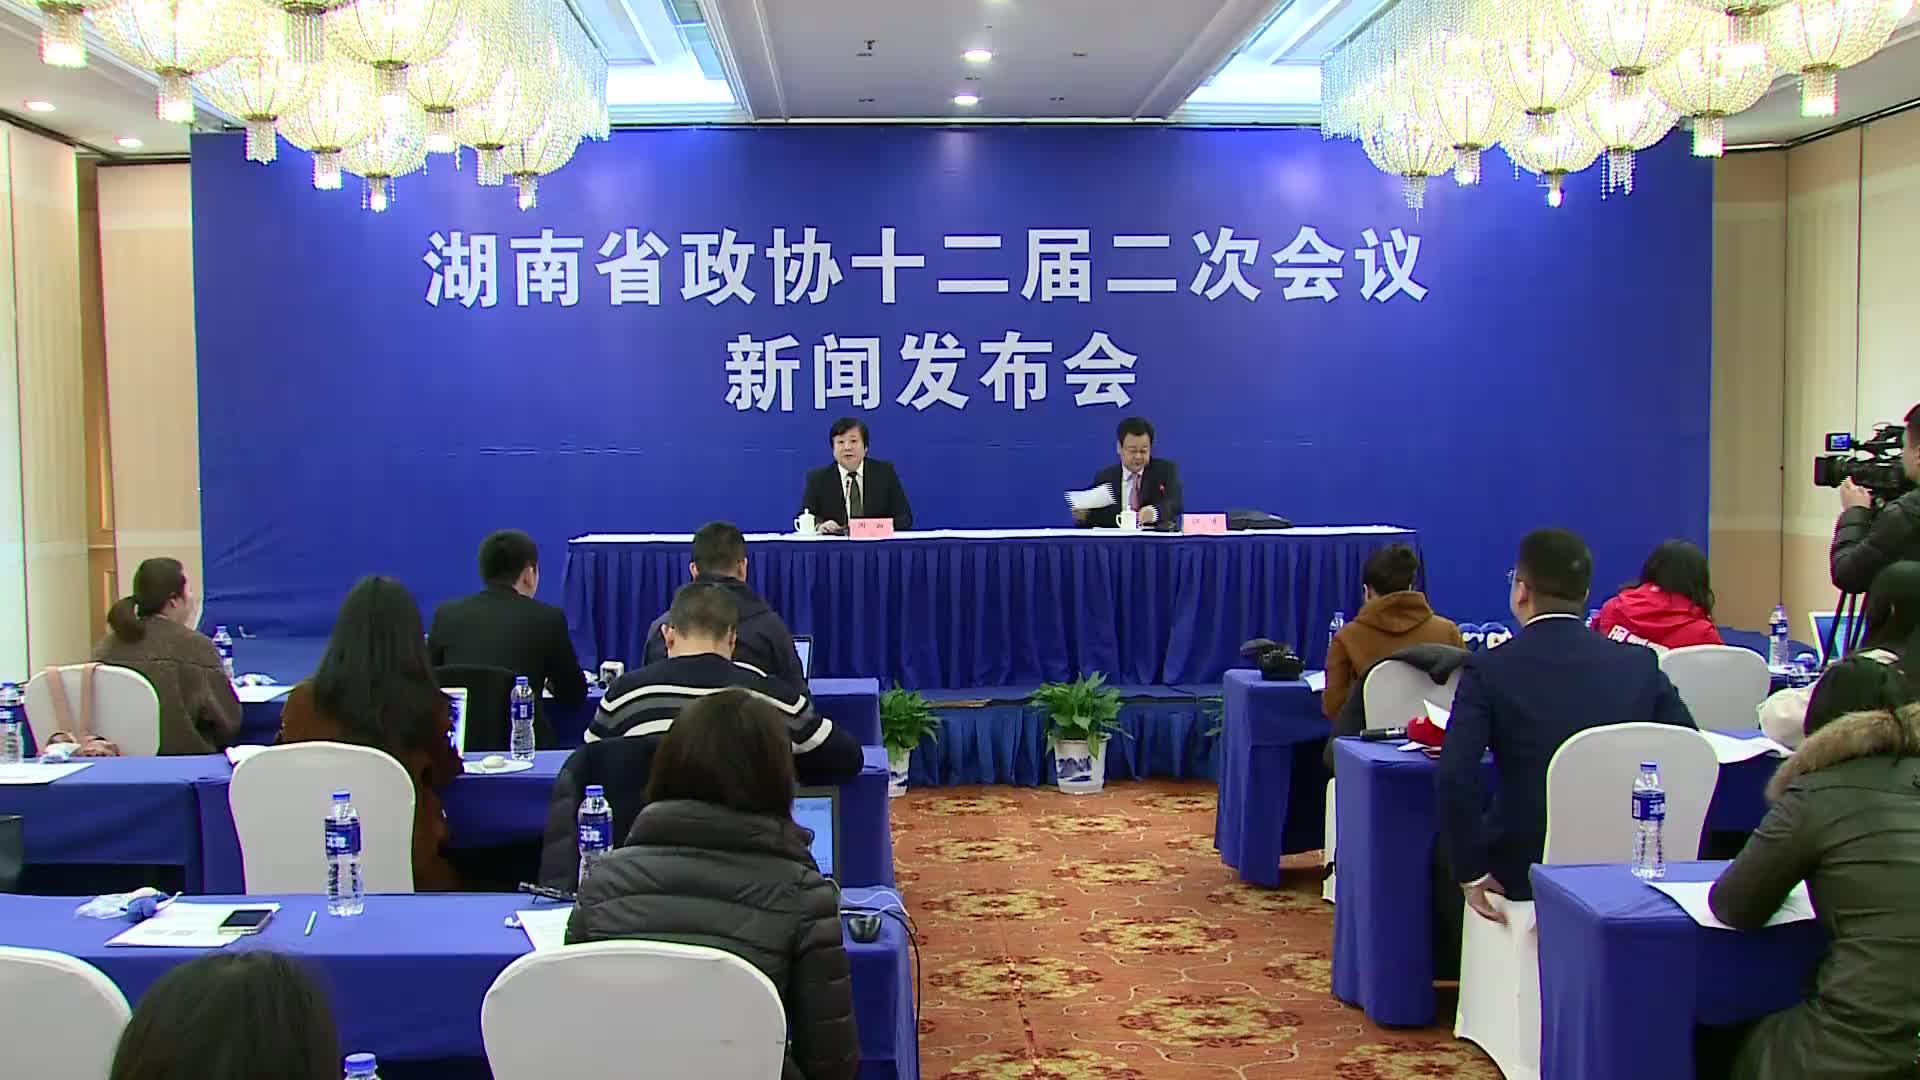 【全程回放】湖南省政协第十二届二次会议新闻发布会